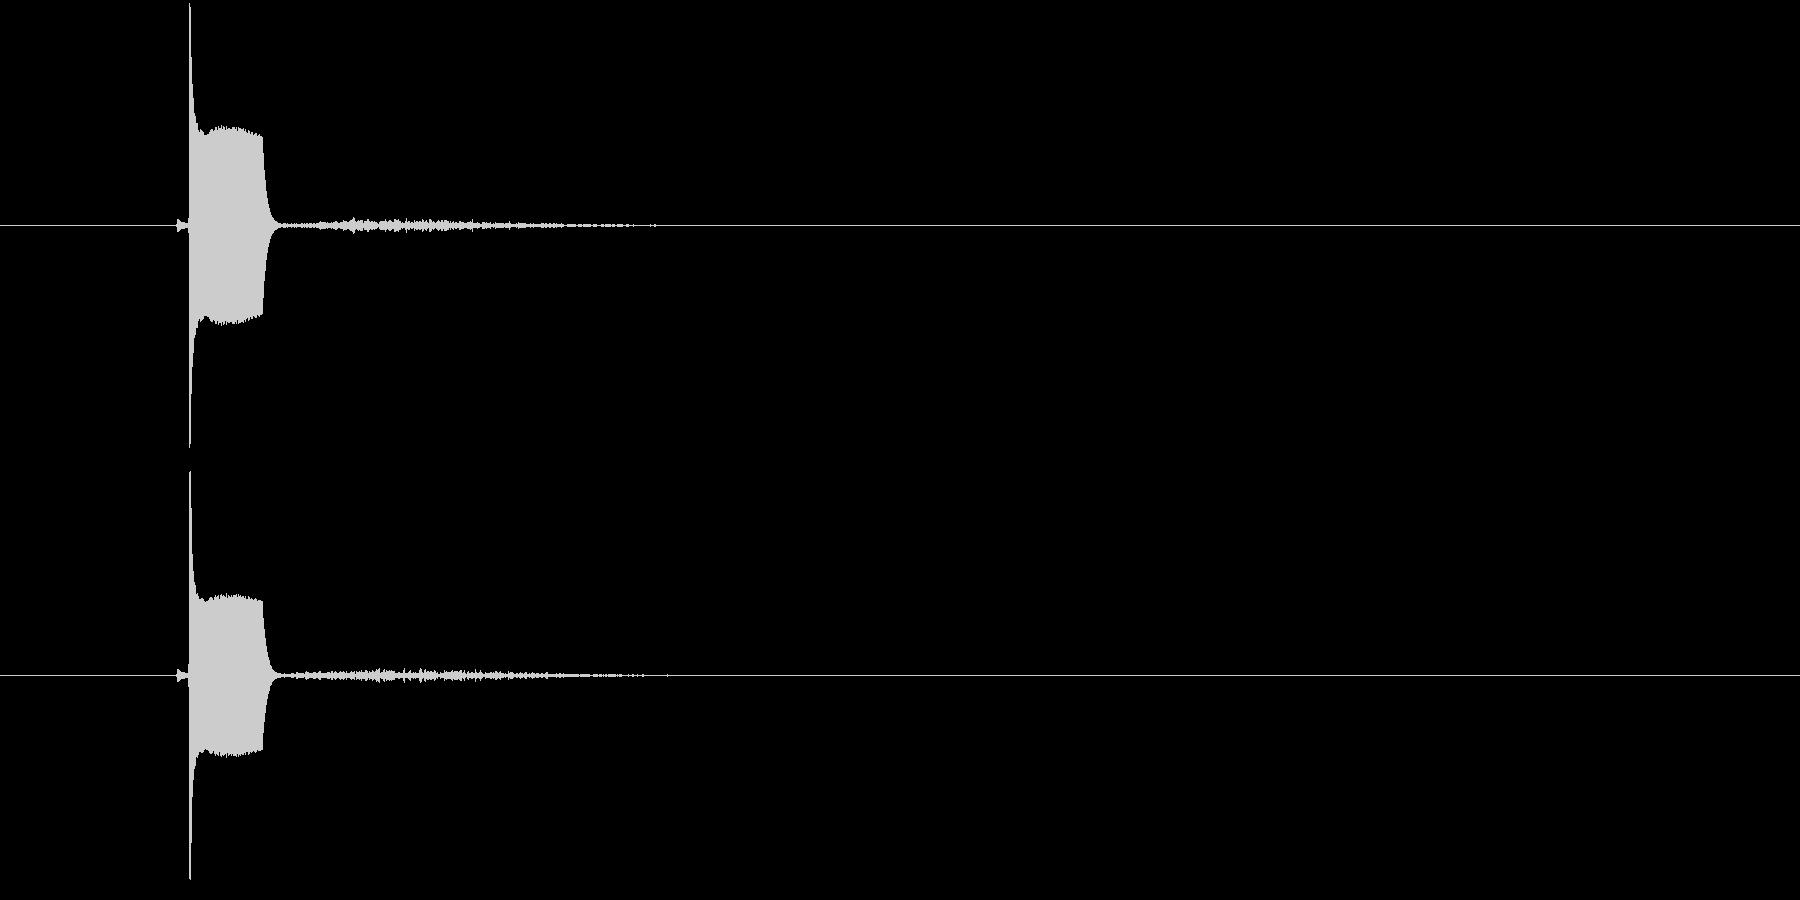 チュー(可愛らしい小鳥の鳴き声)の未再生の波形